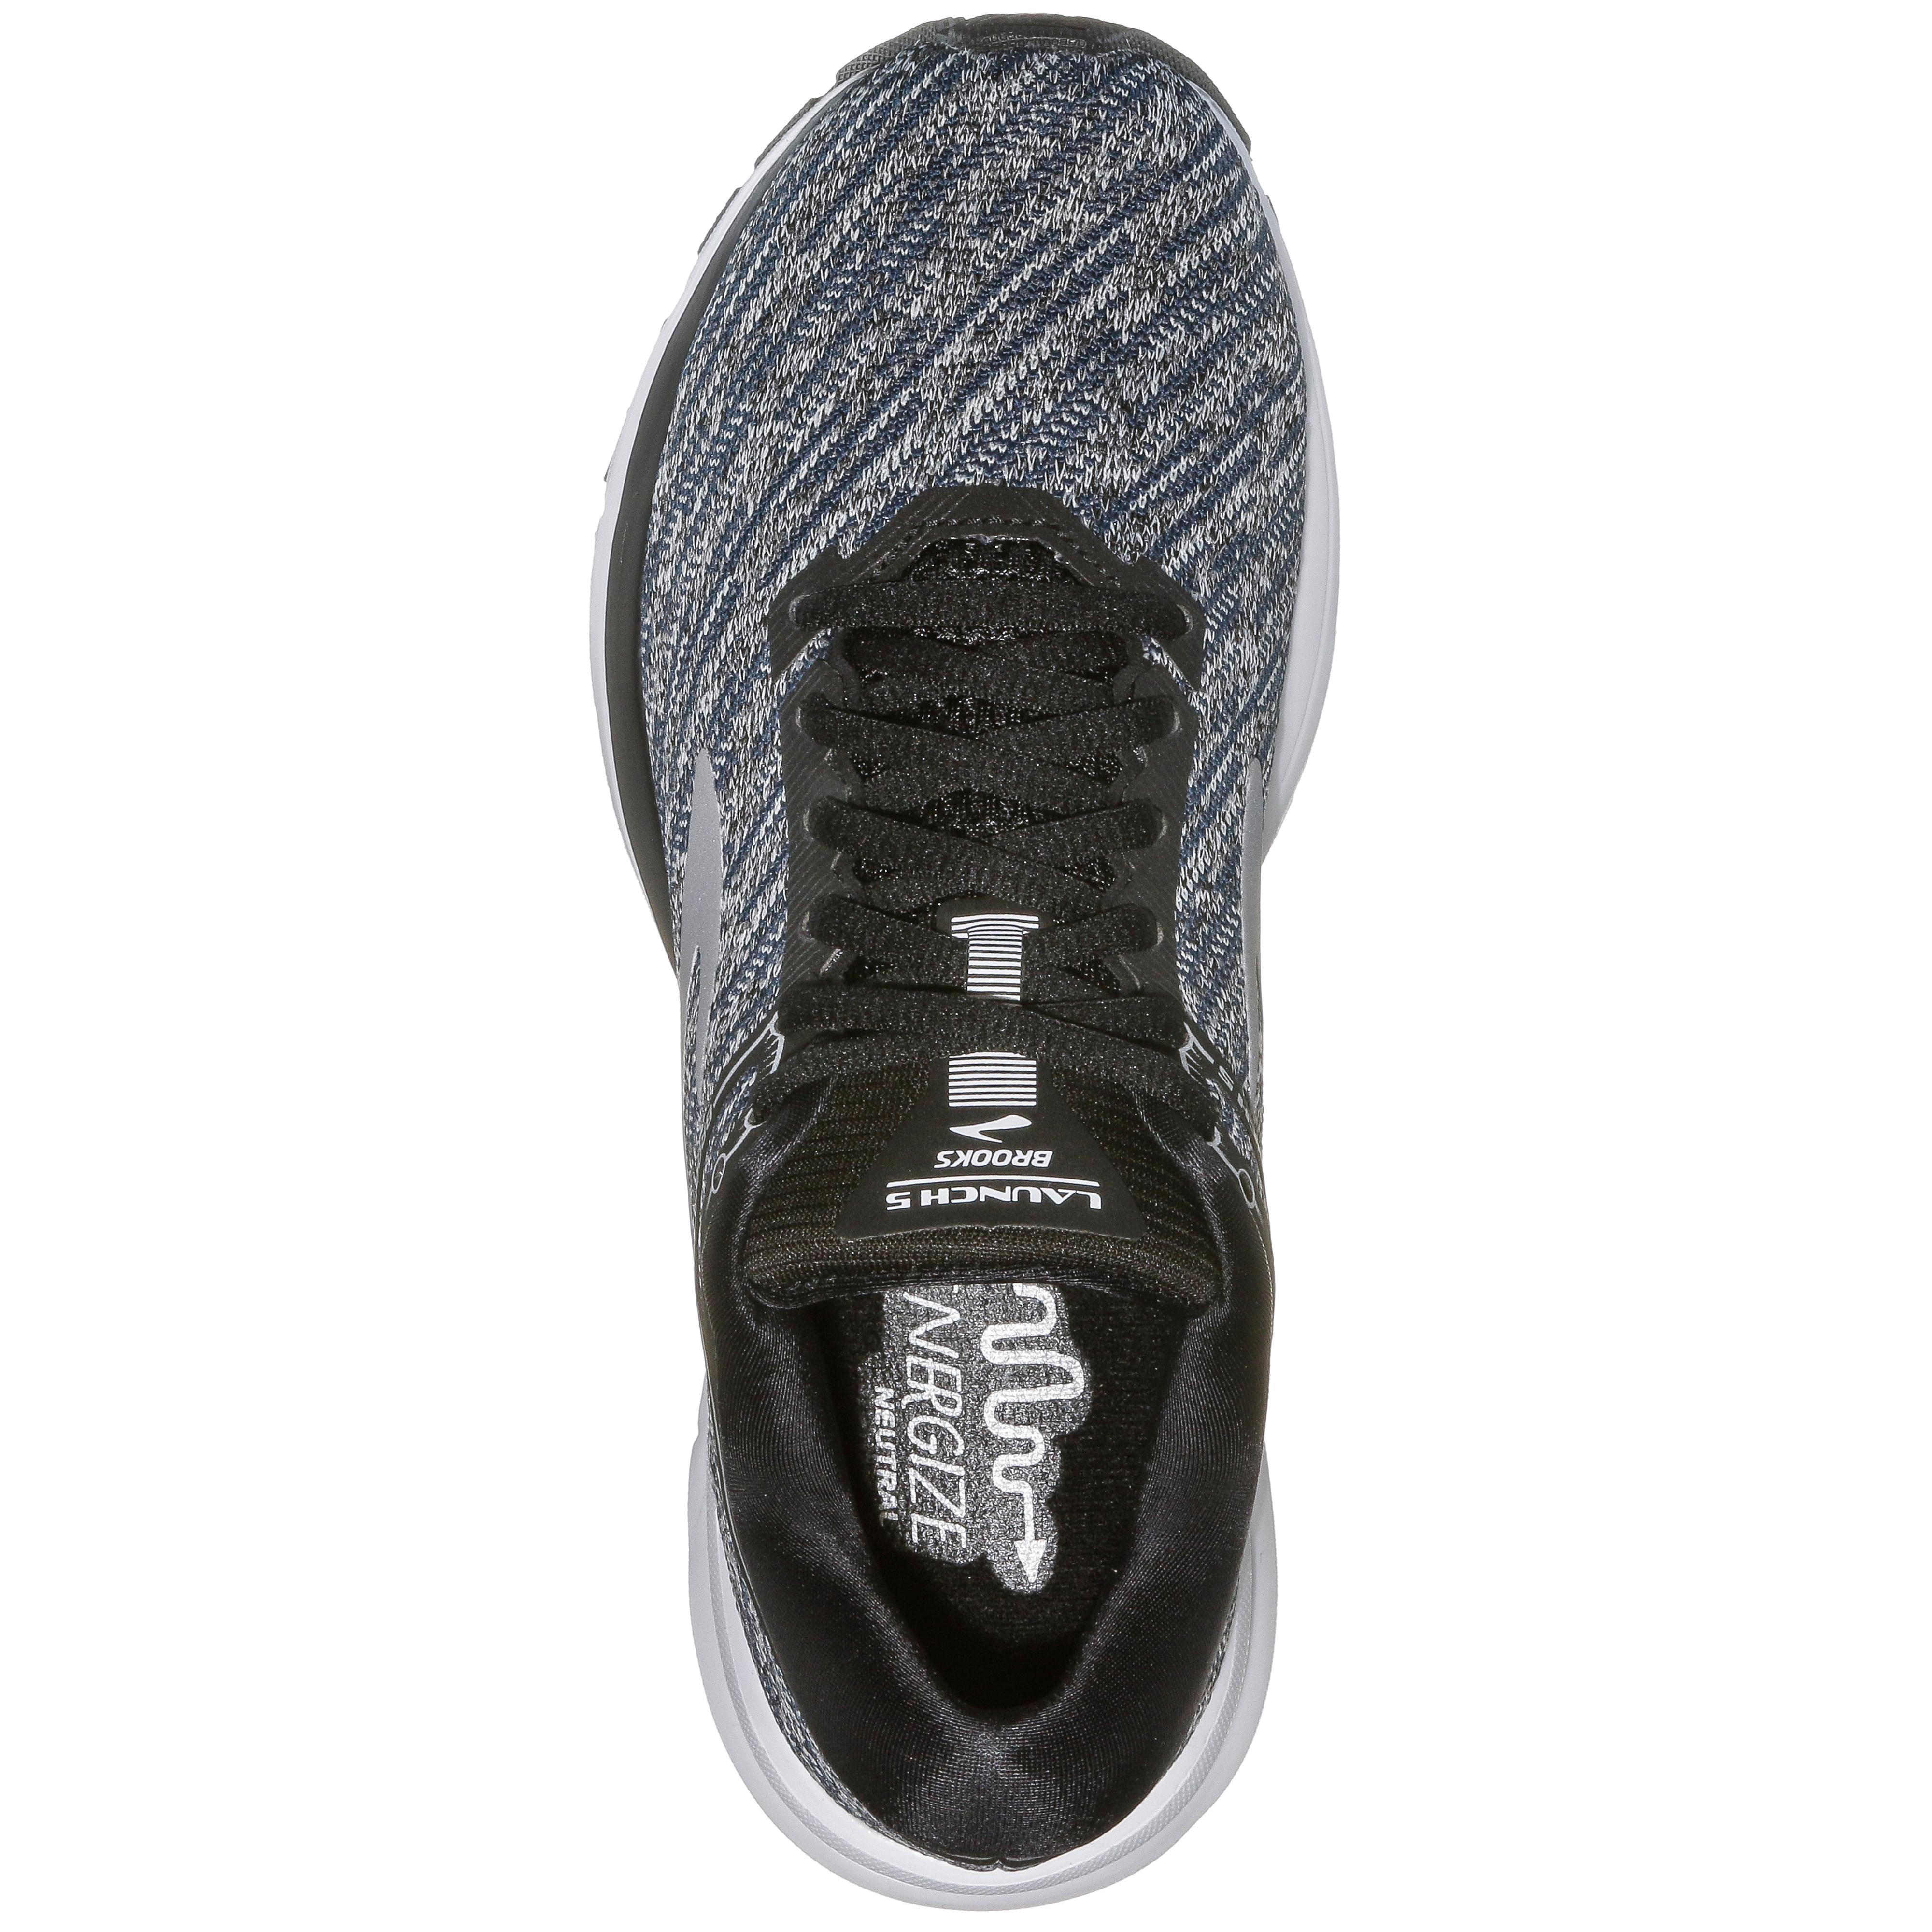 Brooks Brooks Brooks Launch 5 Laufschuhe Damen schwarz-ebony-primer grau im Online Shop von SportScheck kaufen Gute Qualität beliebte Schuhe eeaf5f